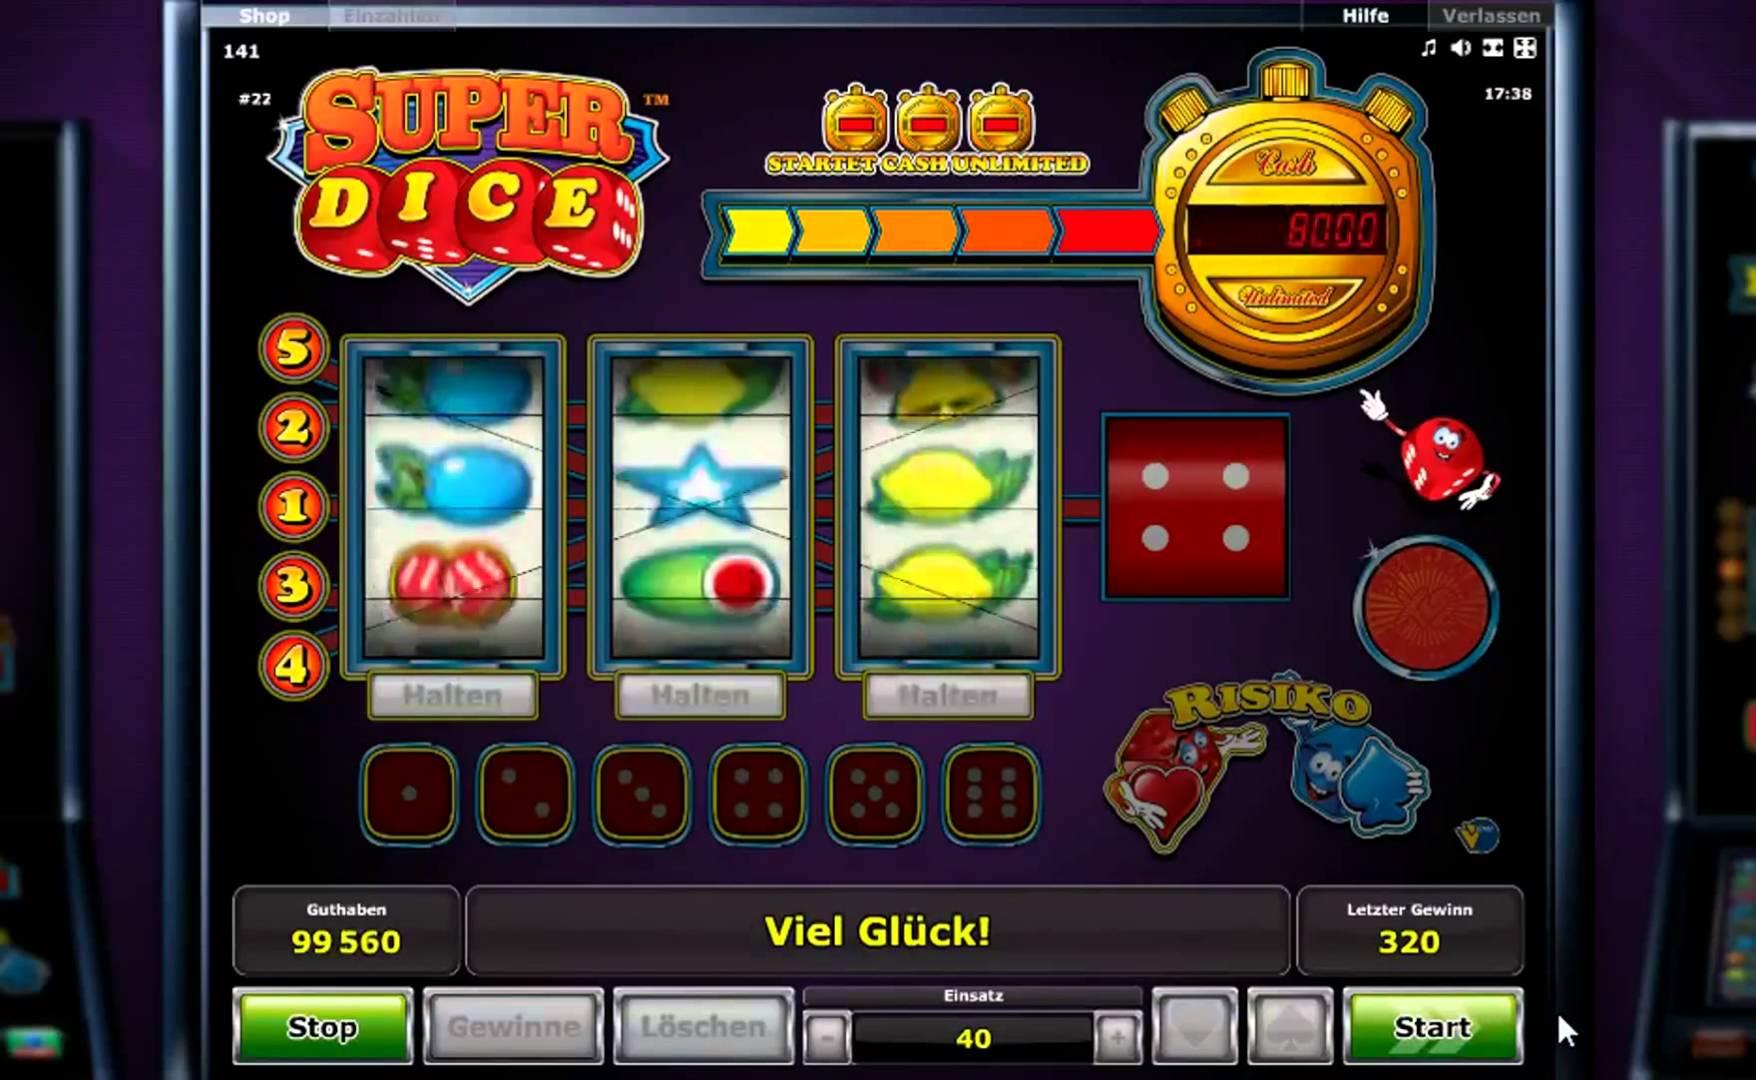 Casino Spiele Kostenlos Spielen Ohne Anmeldung Book Of